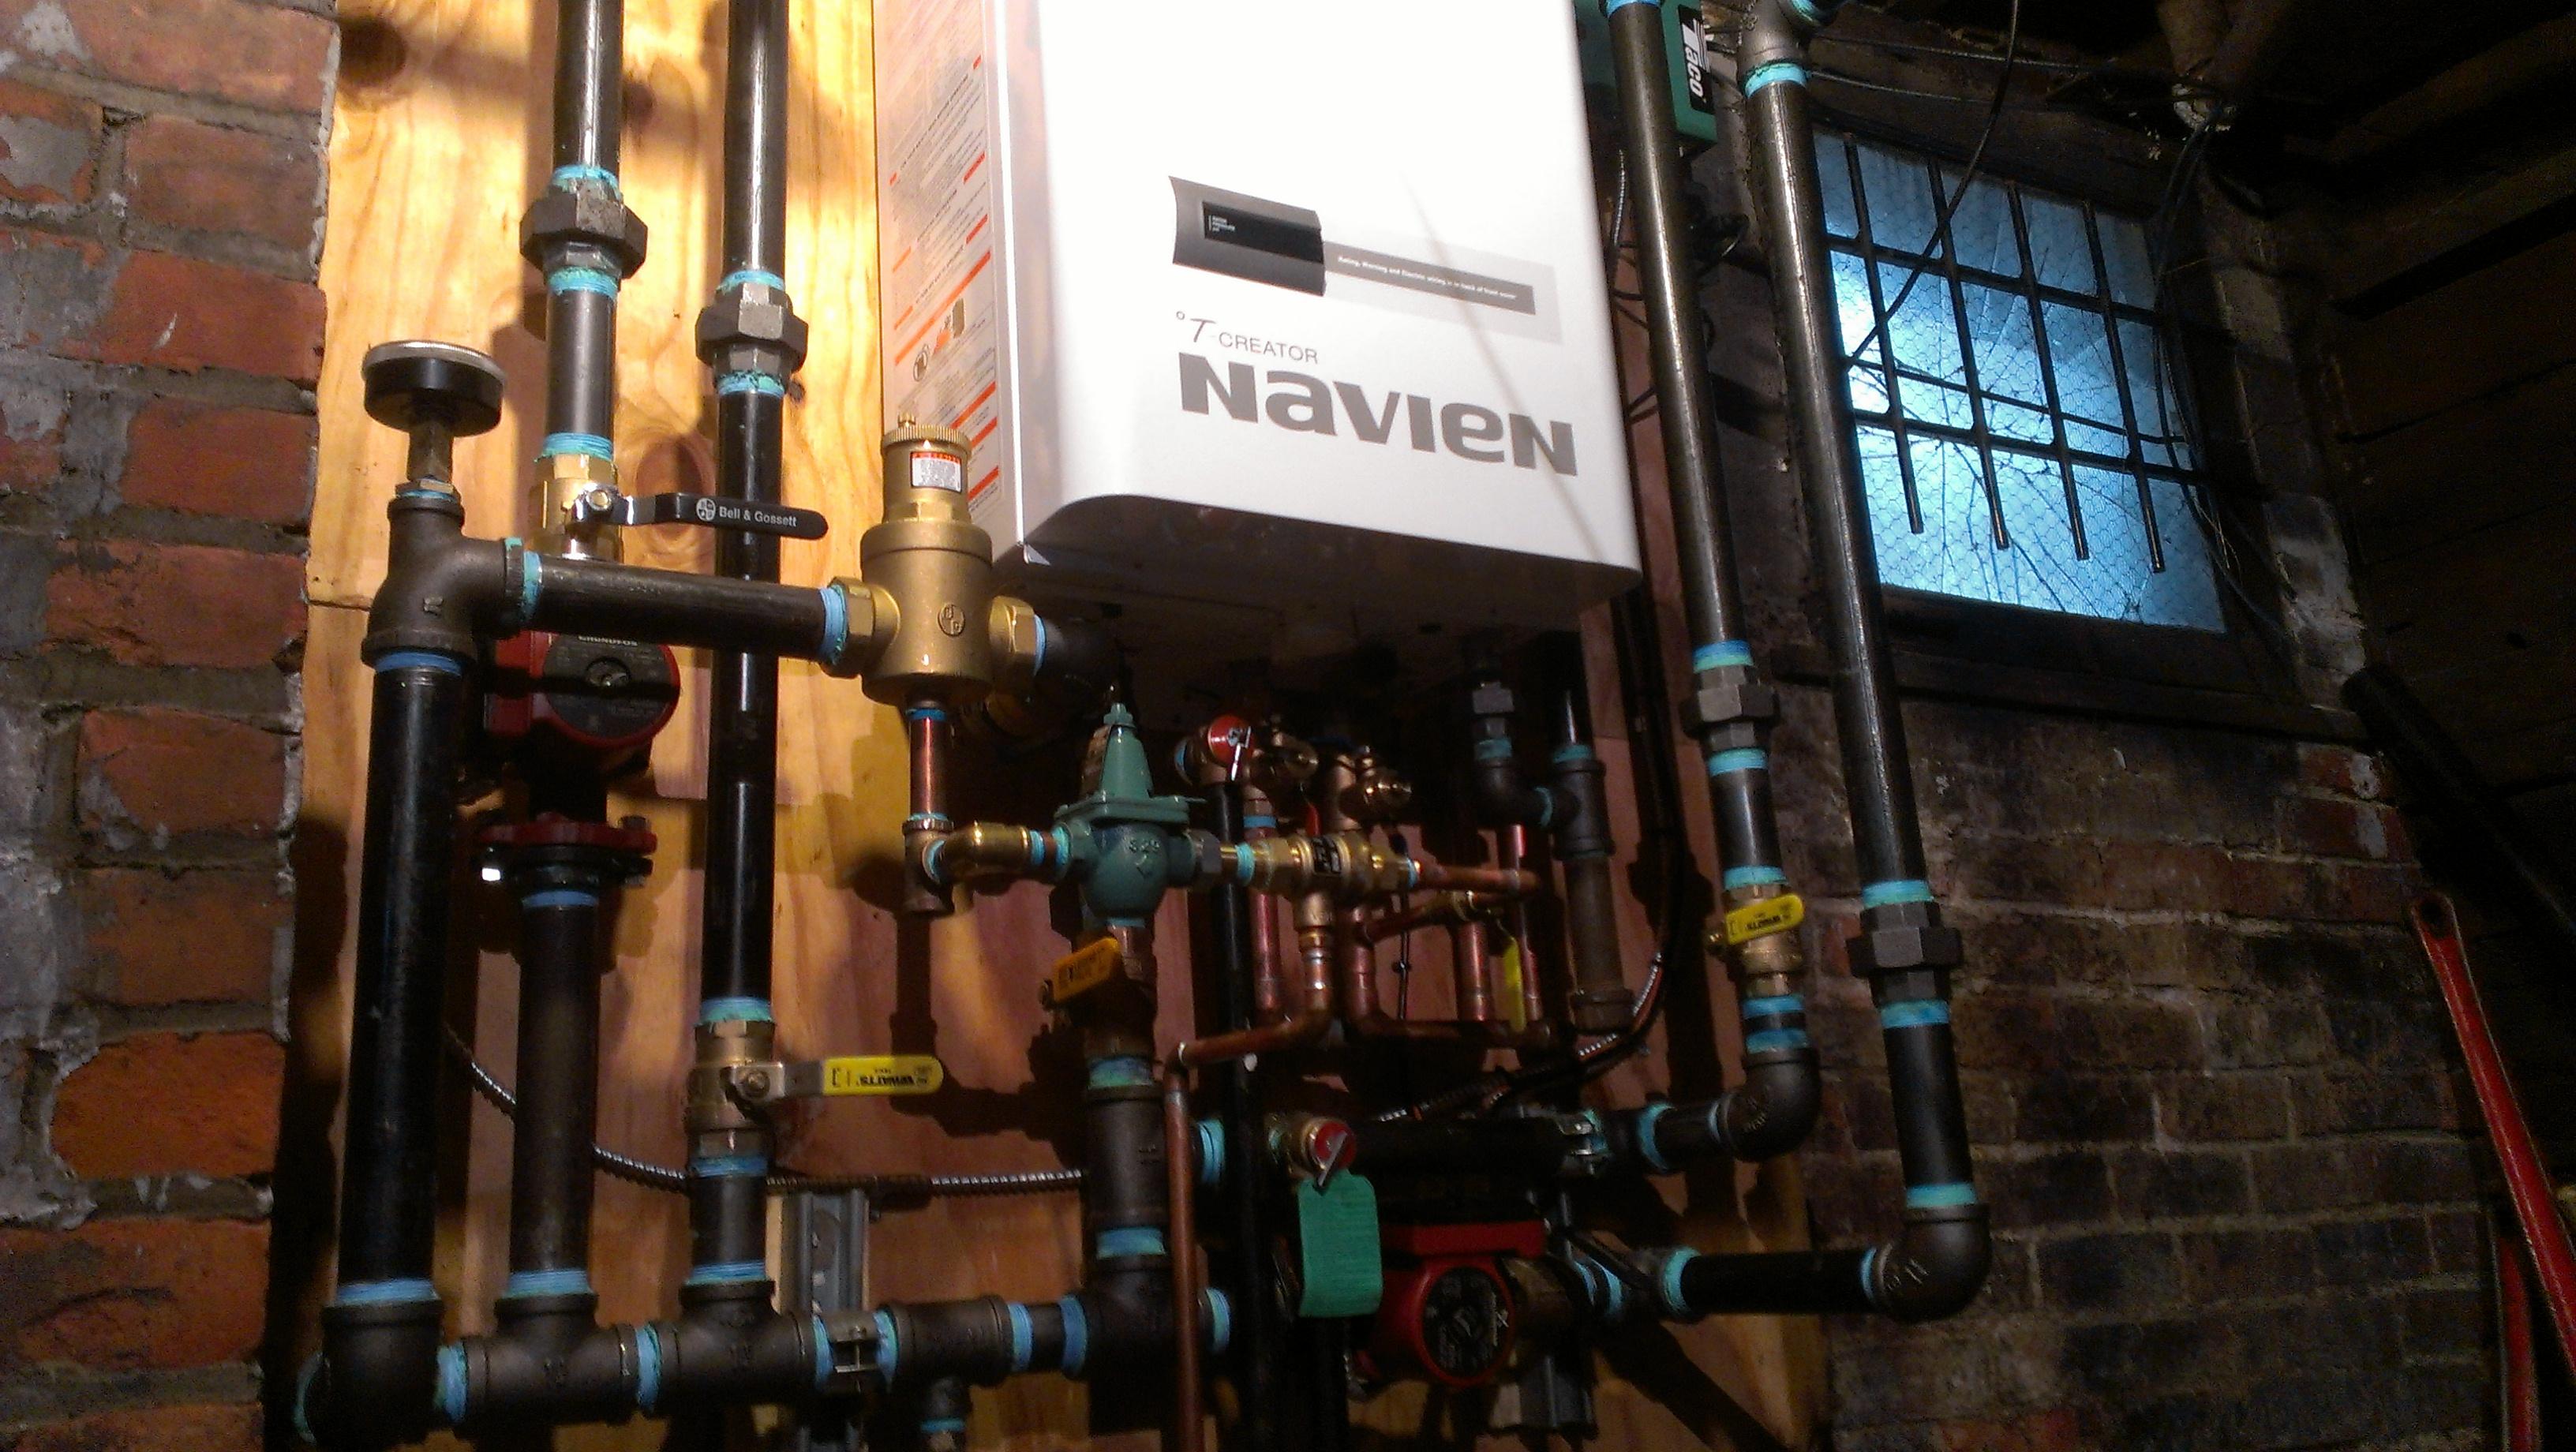 Navien UHE condensing boiler